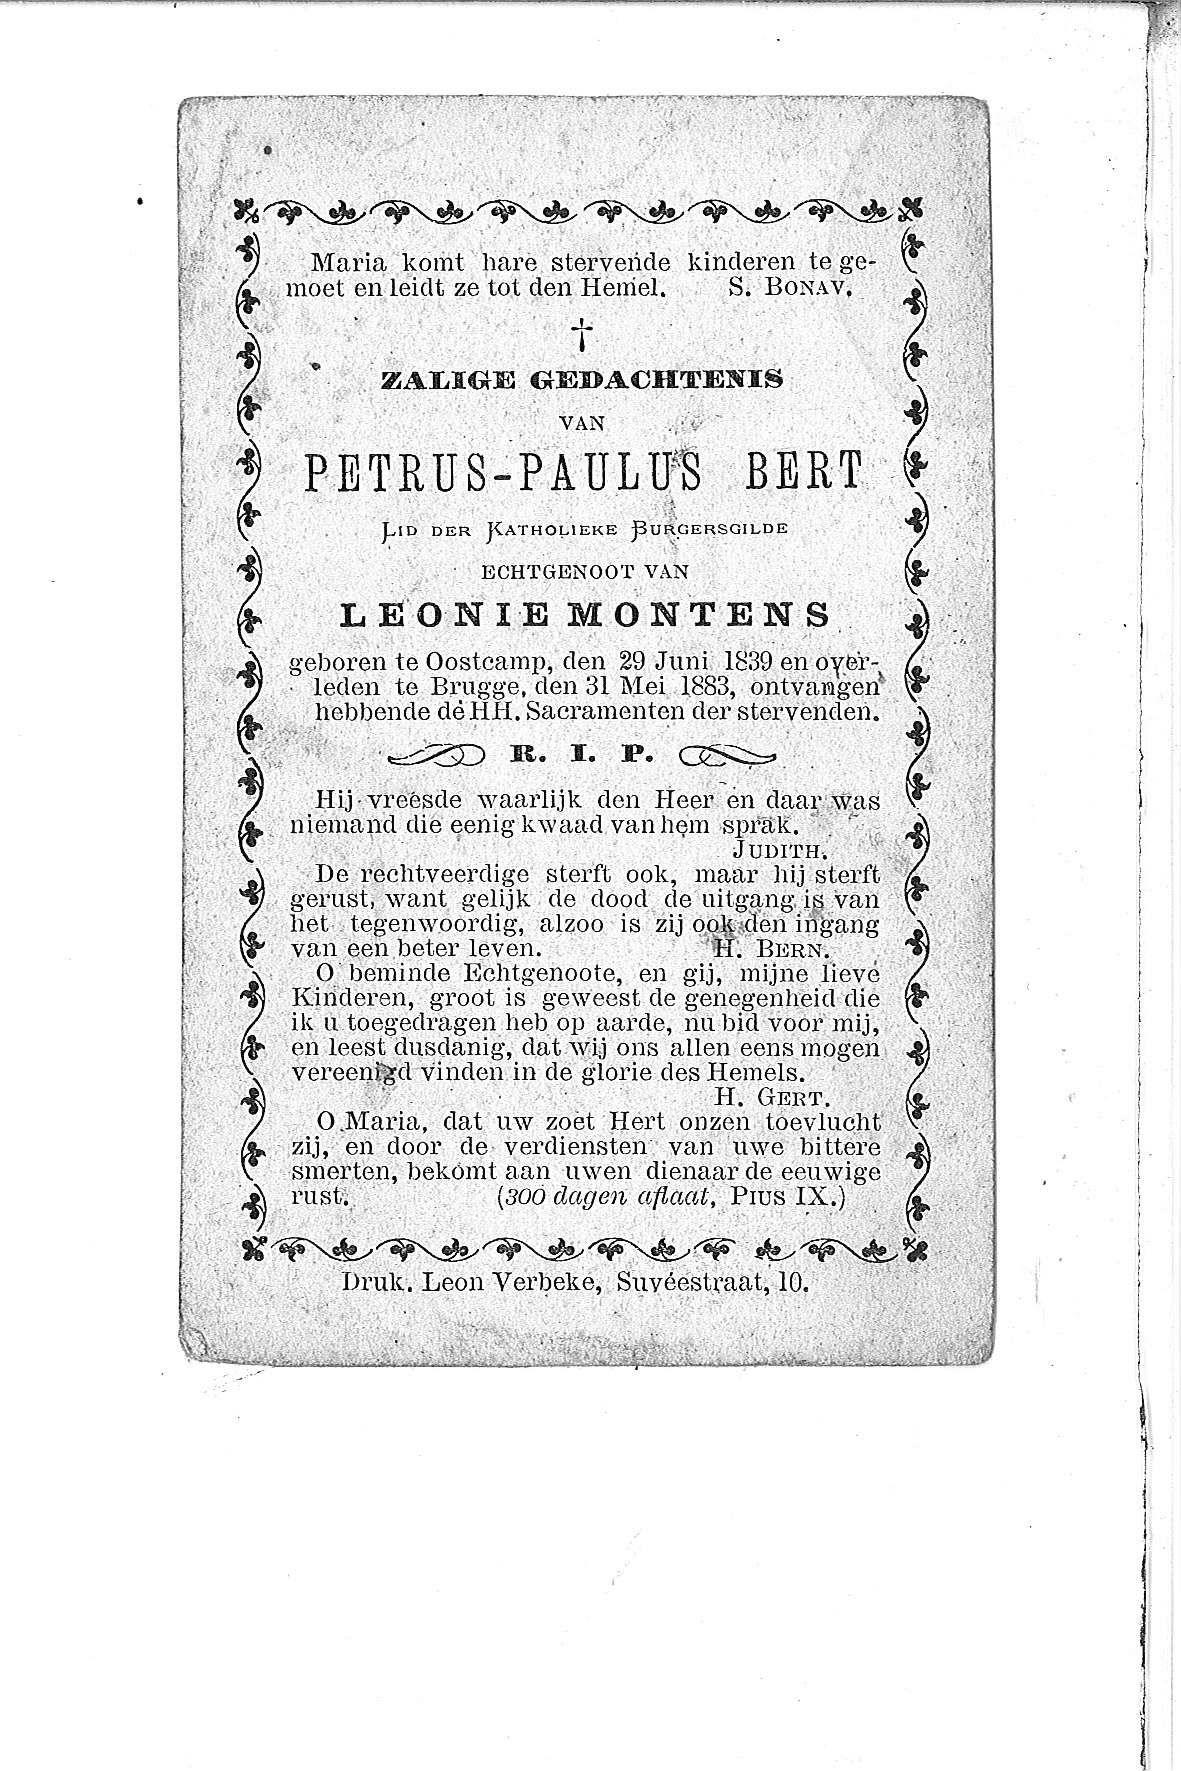 Petrus-Paulus(1883)20110131111640_00016.jpg